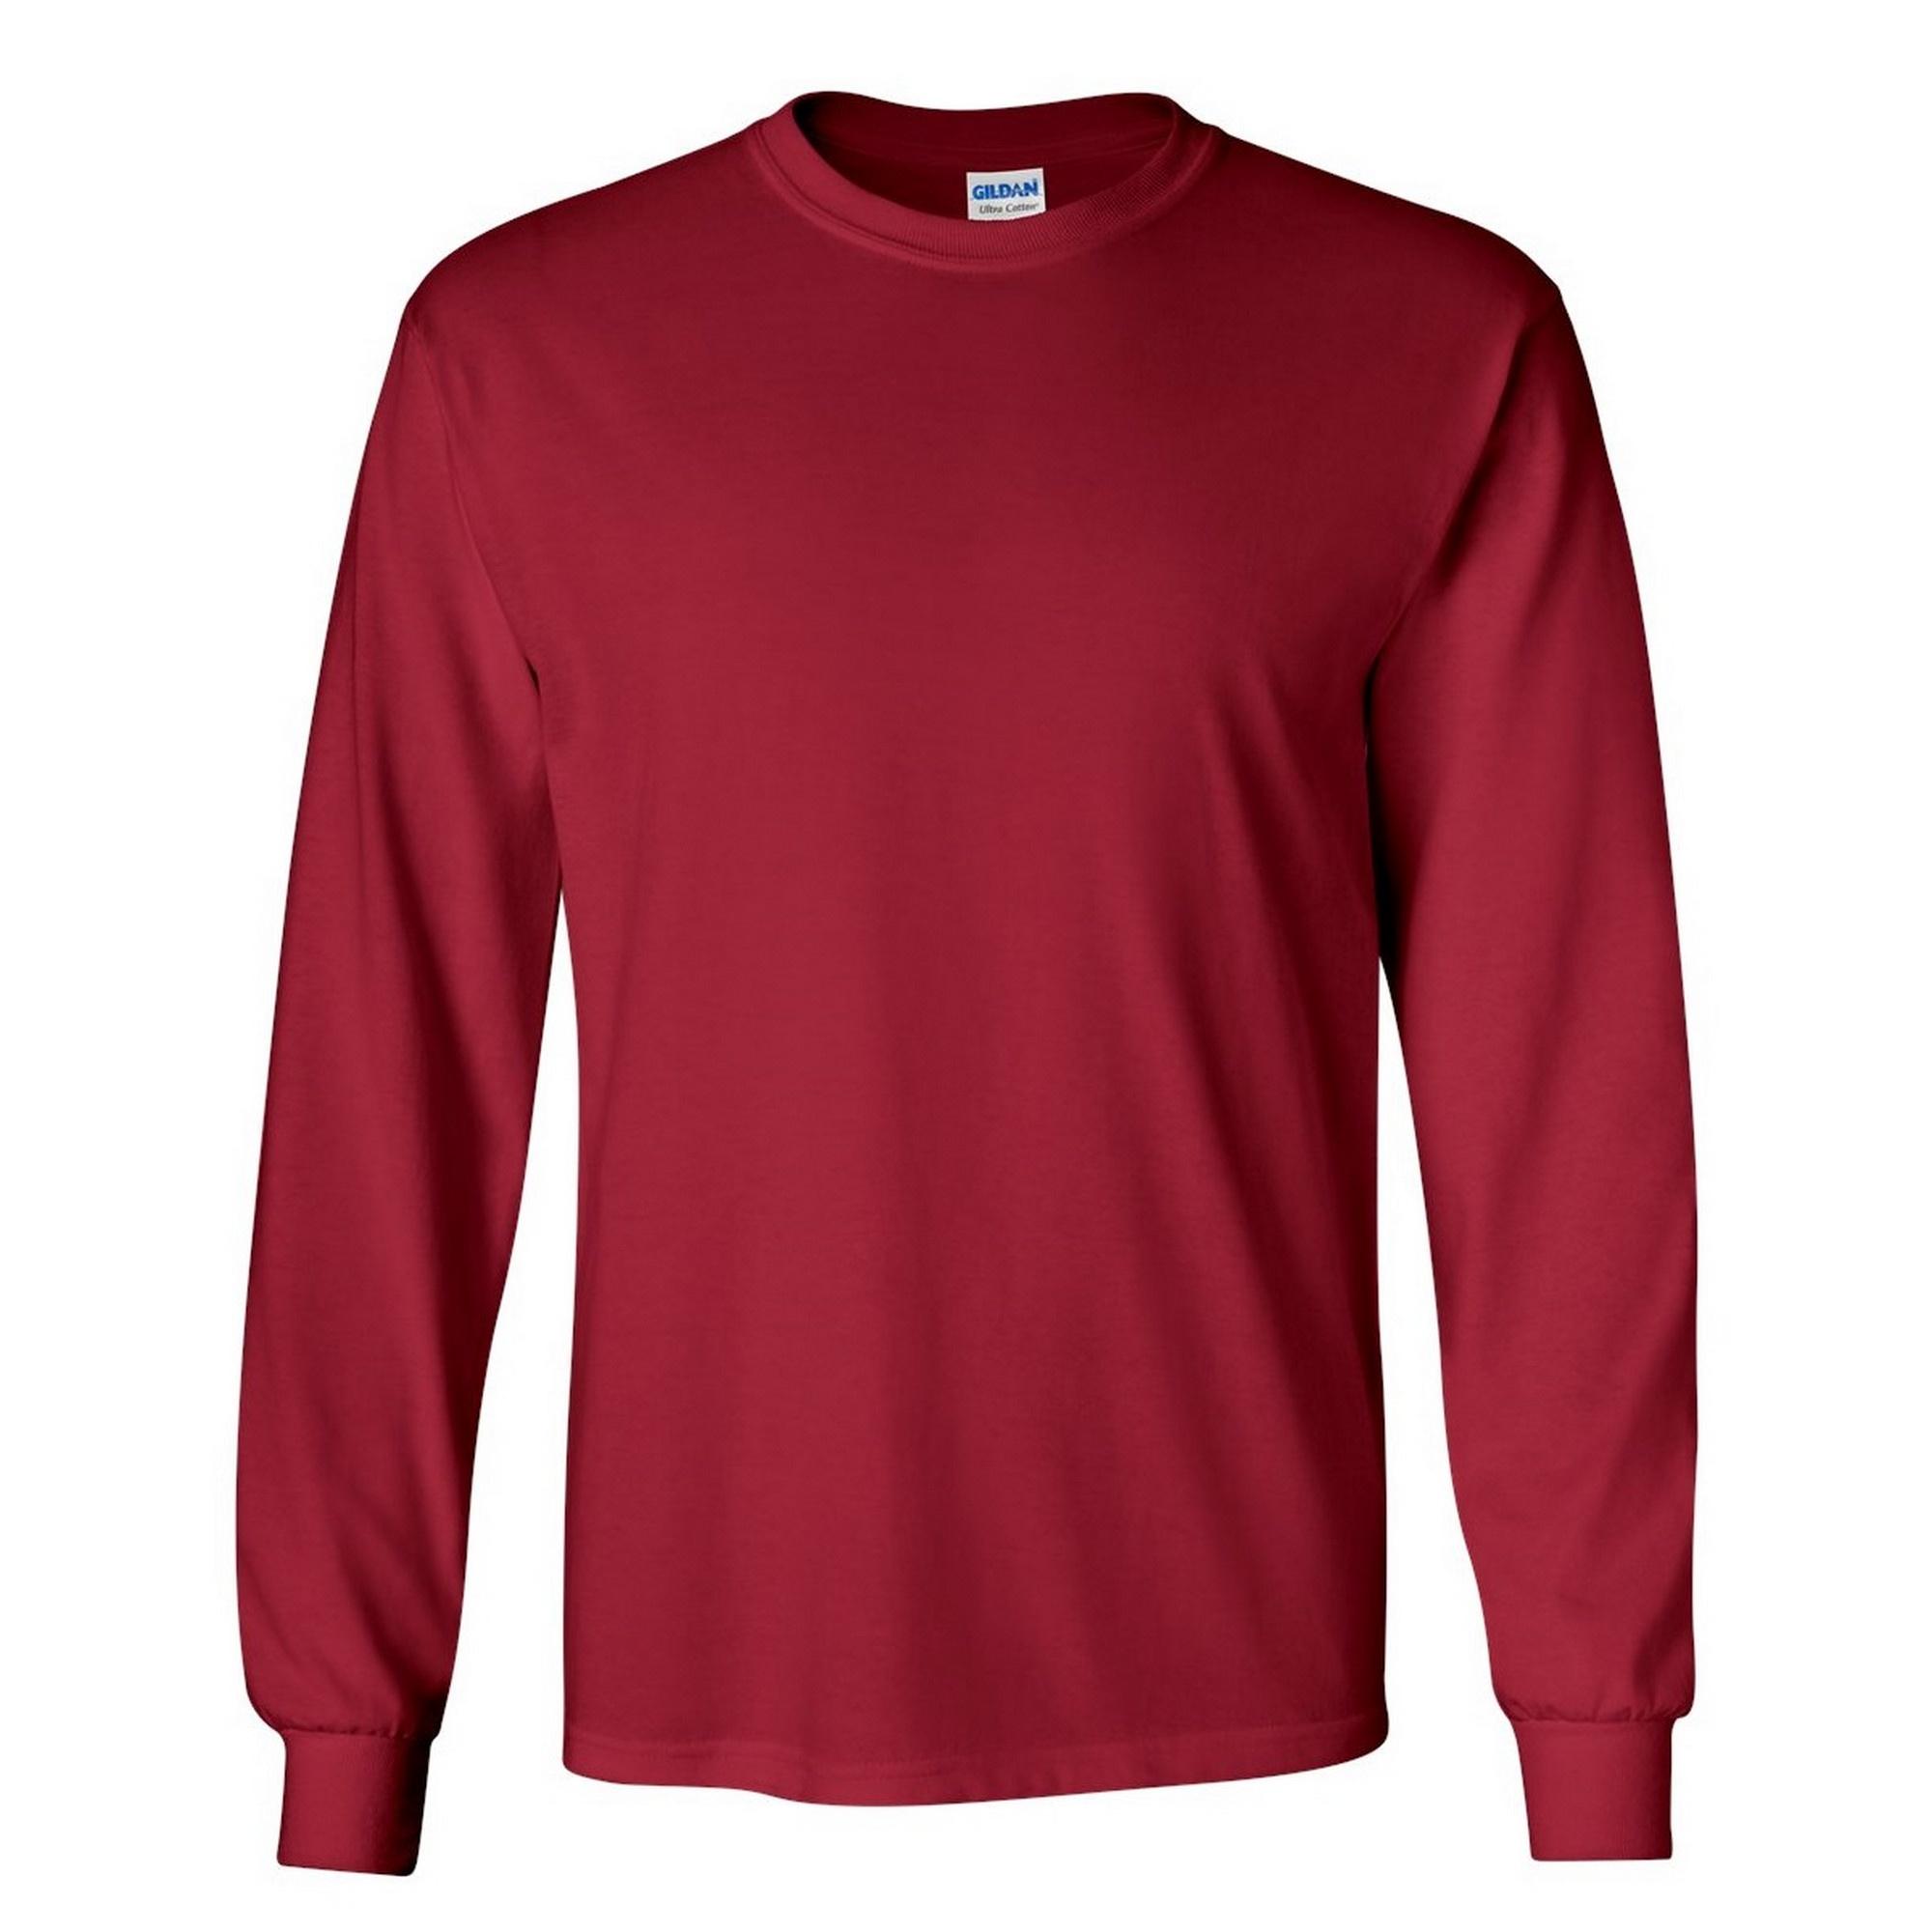 miniature 75 - T-shirt-uni-a-manches-longues-Gildan-100-coton-pour-homme-S-2XL-BC477